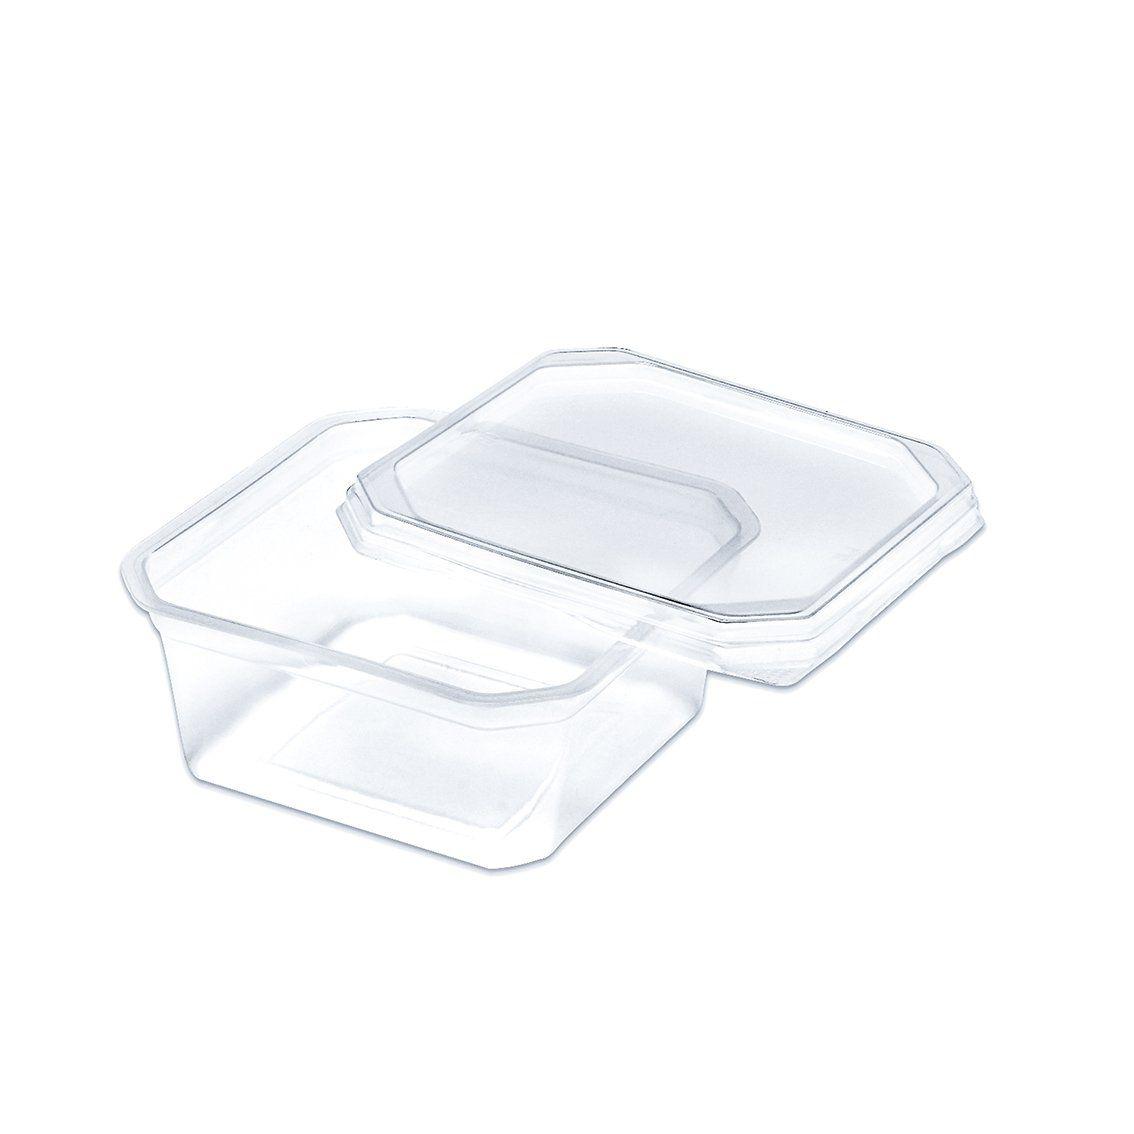 Marmitinha plástica 150 ml Quadrada pacote com 20 unid.